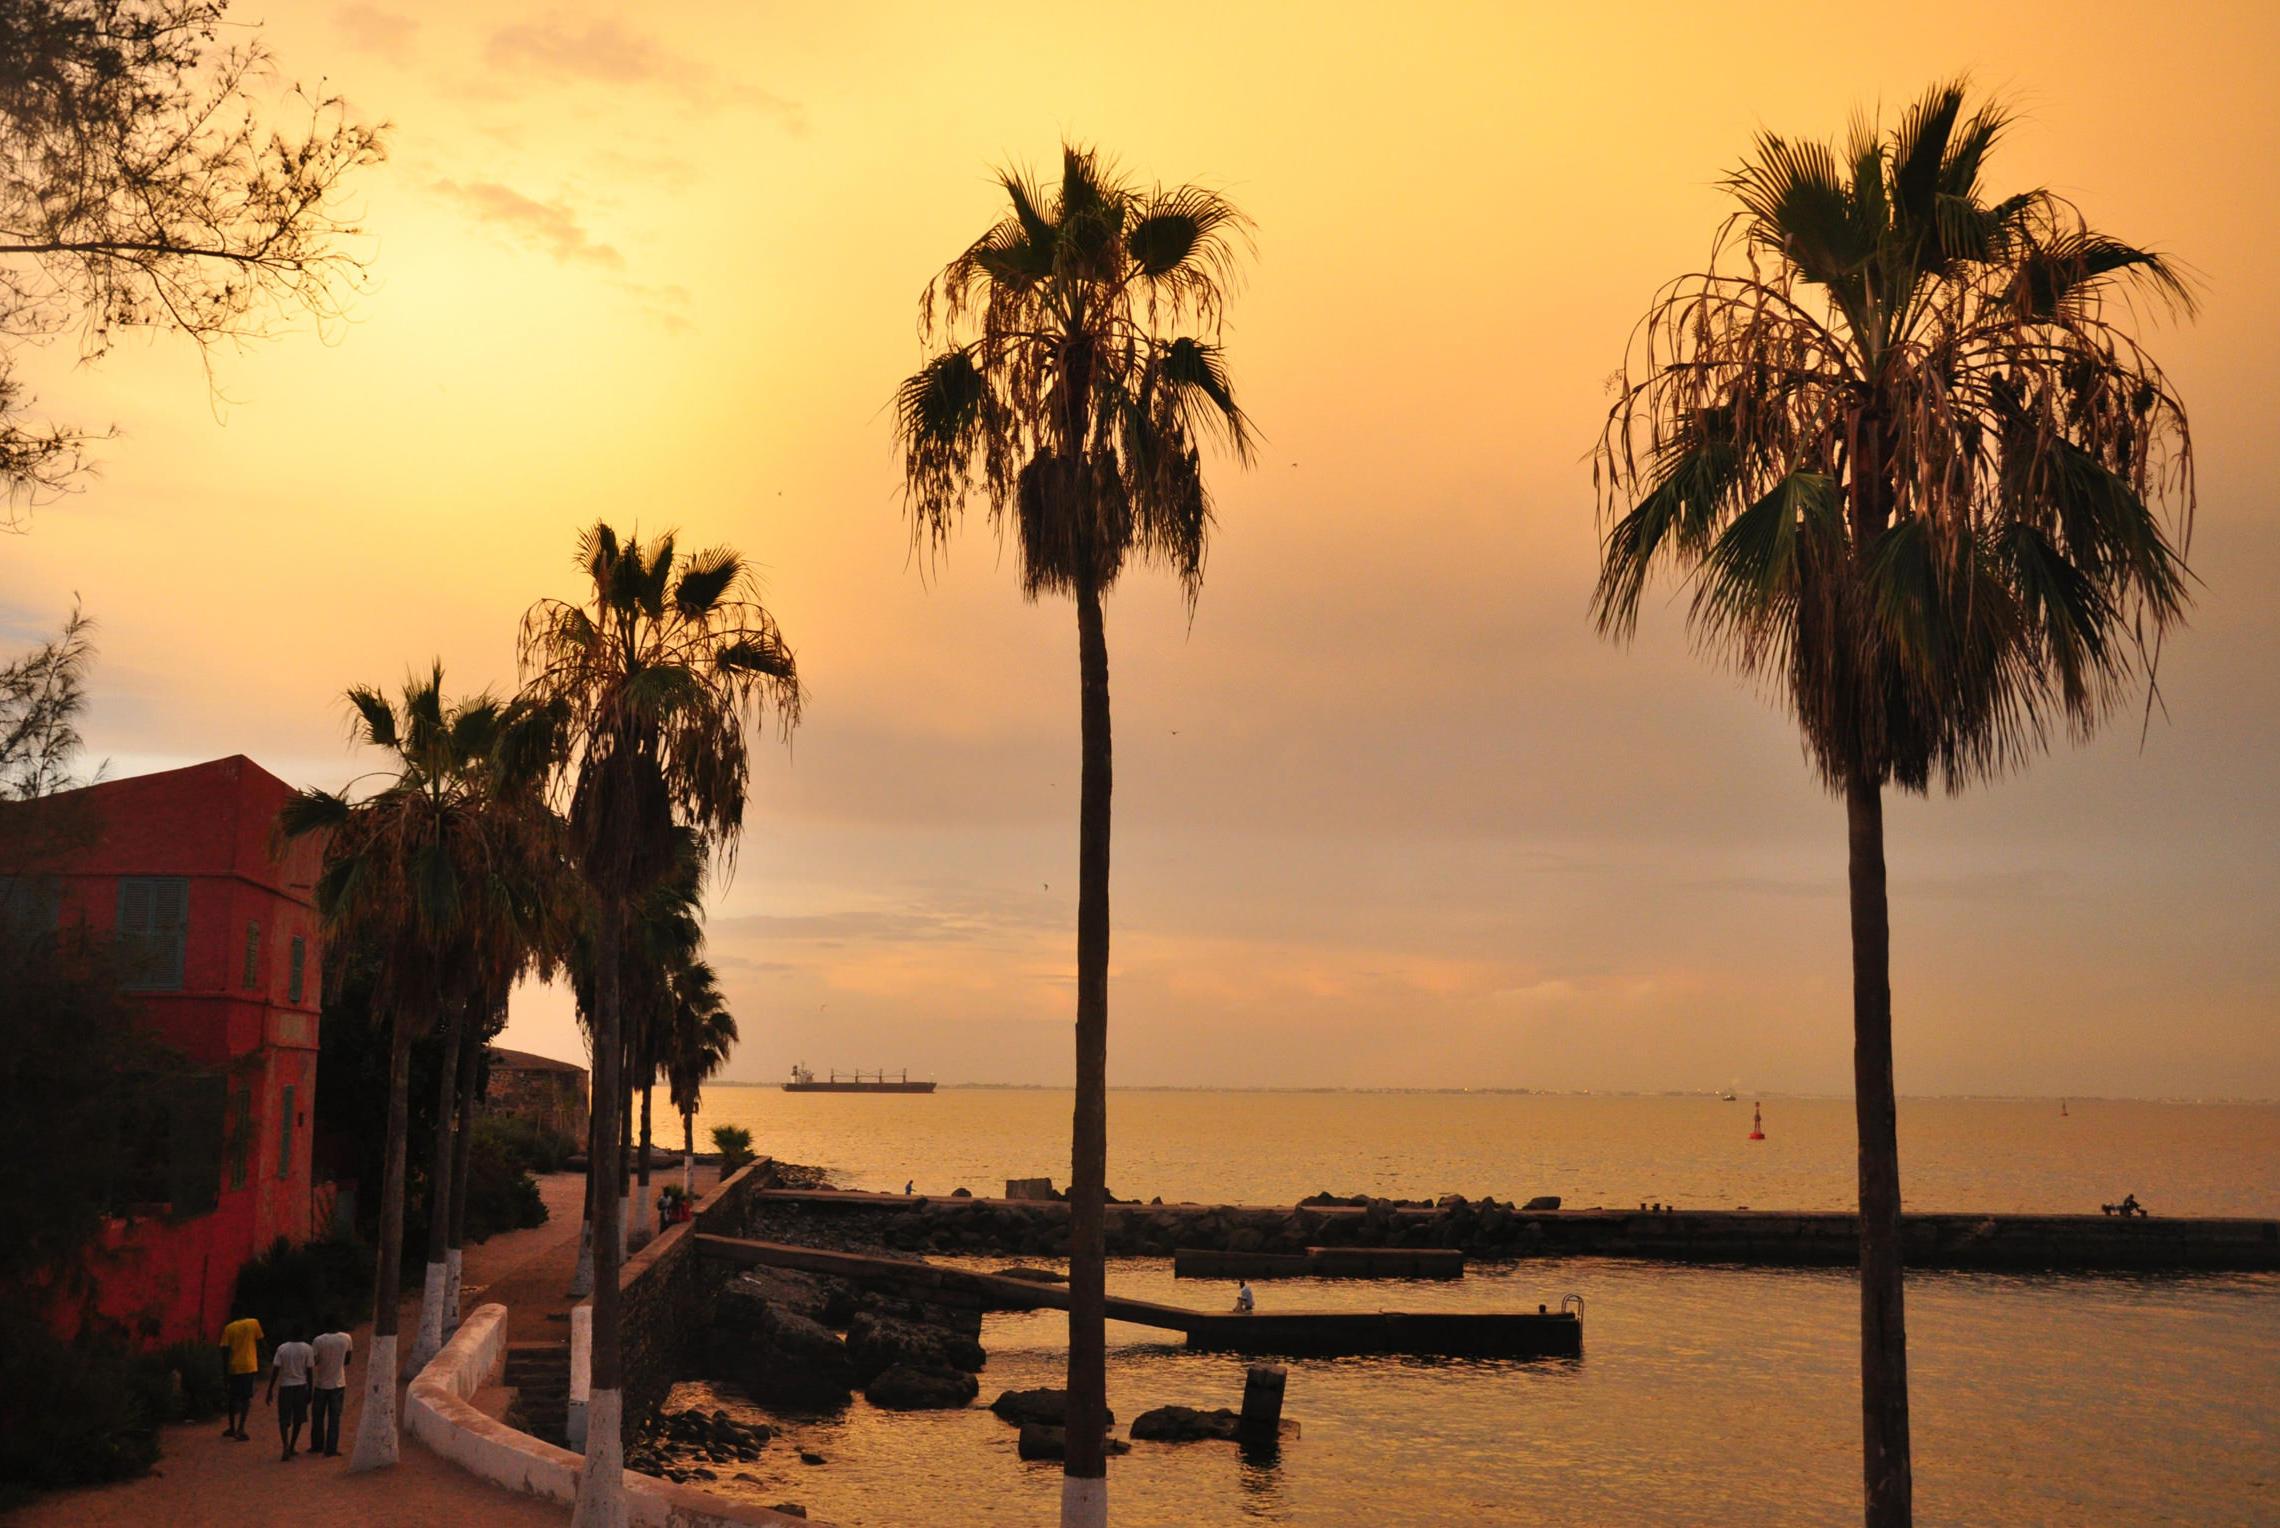 Sénégal, palmiers sur l'île de Gorée